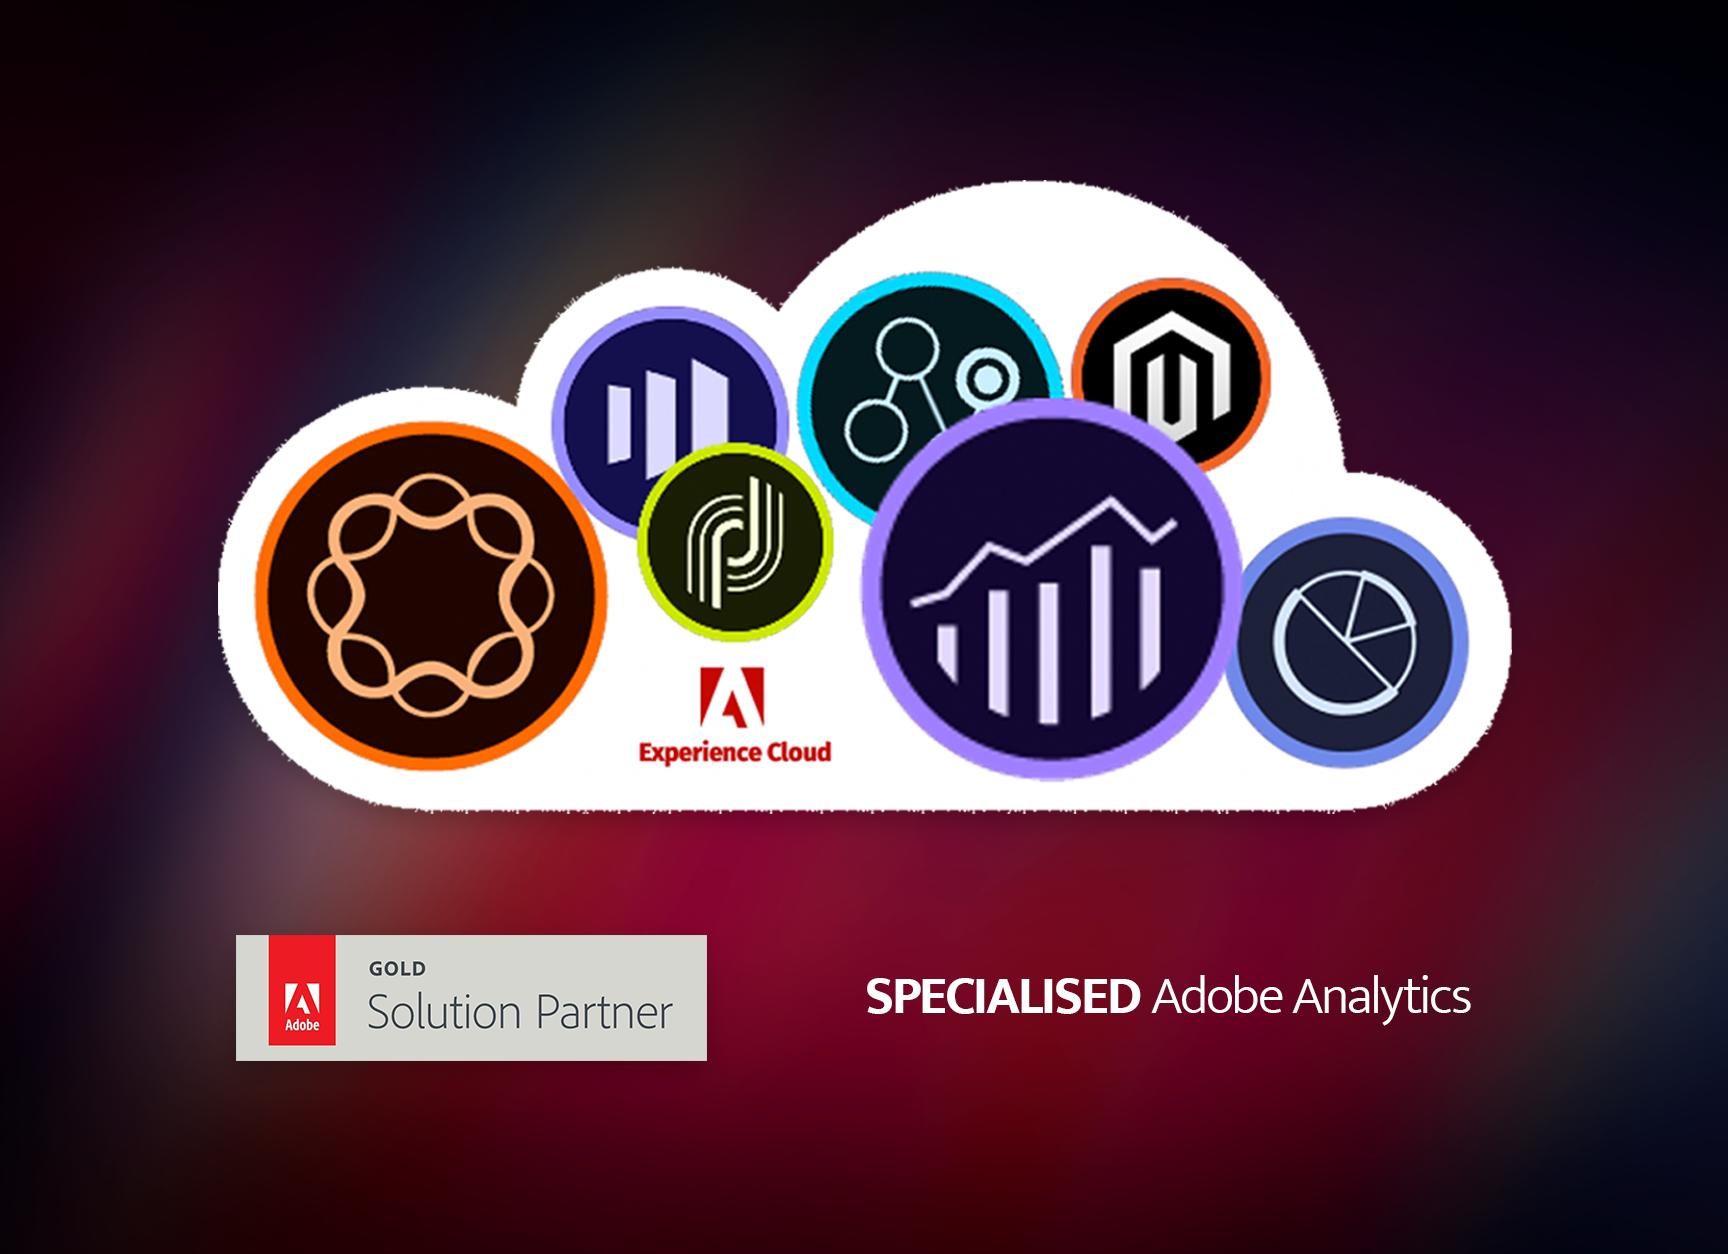 diva-e erhält Adobe Analytics Spezialisierung